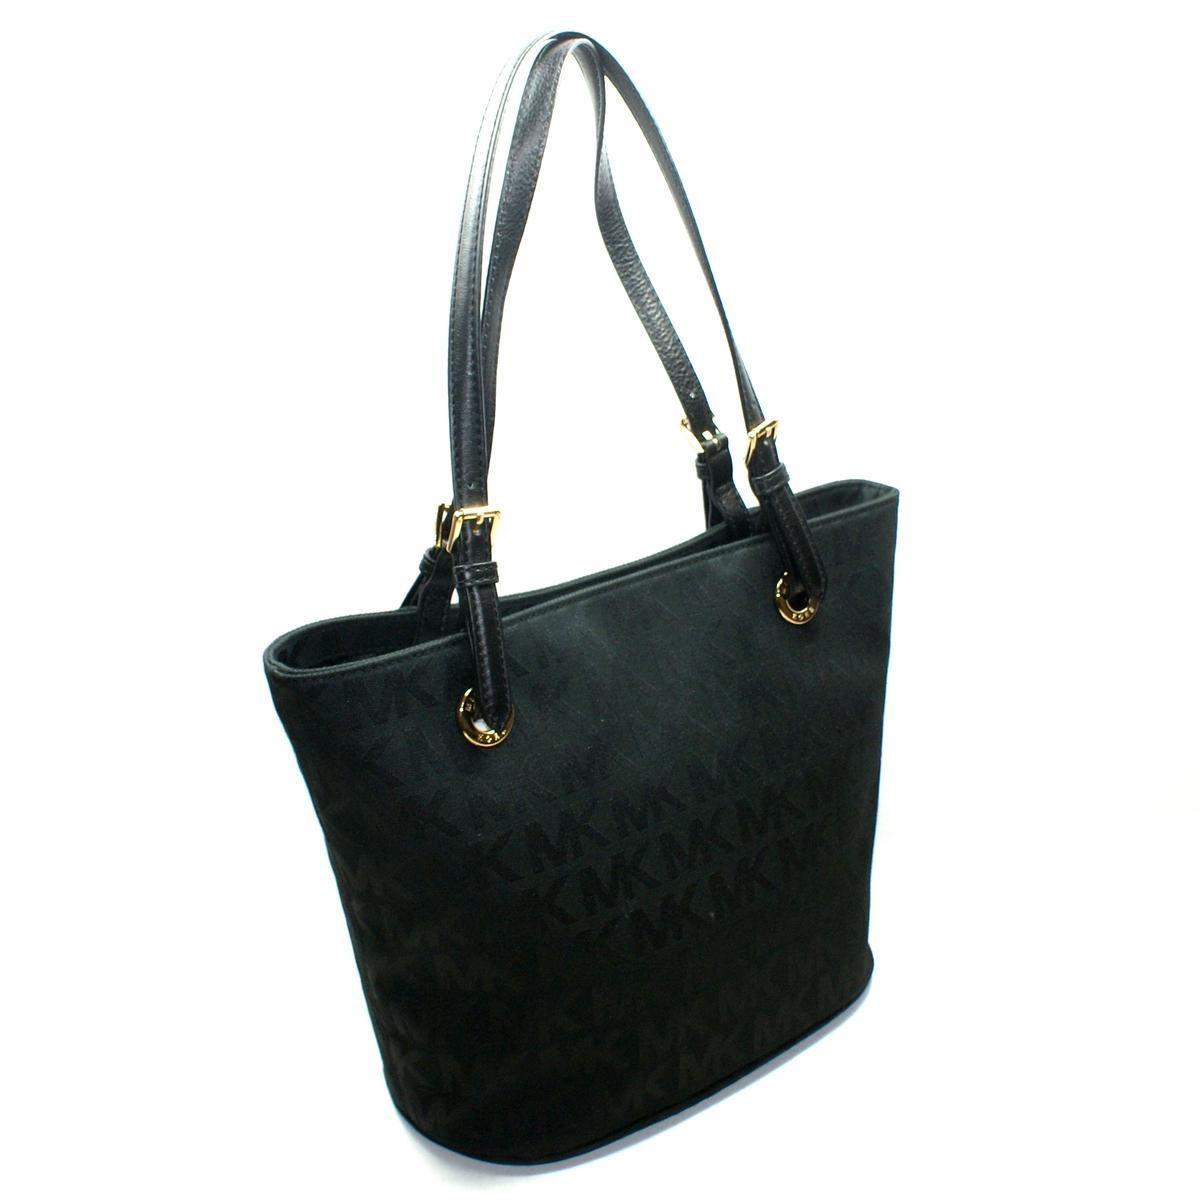 Michael Kors MK Signature Jacquard Medium Tote Bag Black #38T2XTTT2J ...